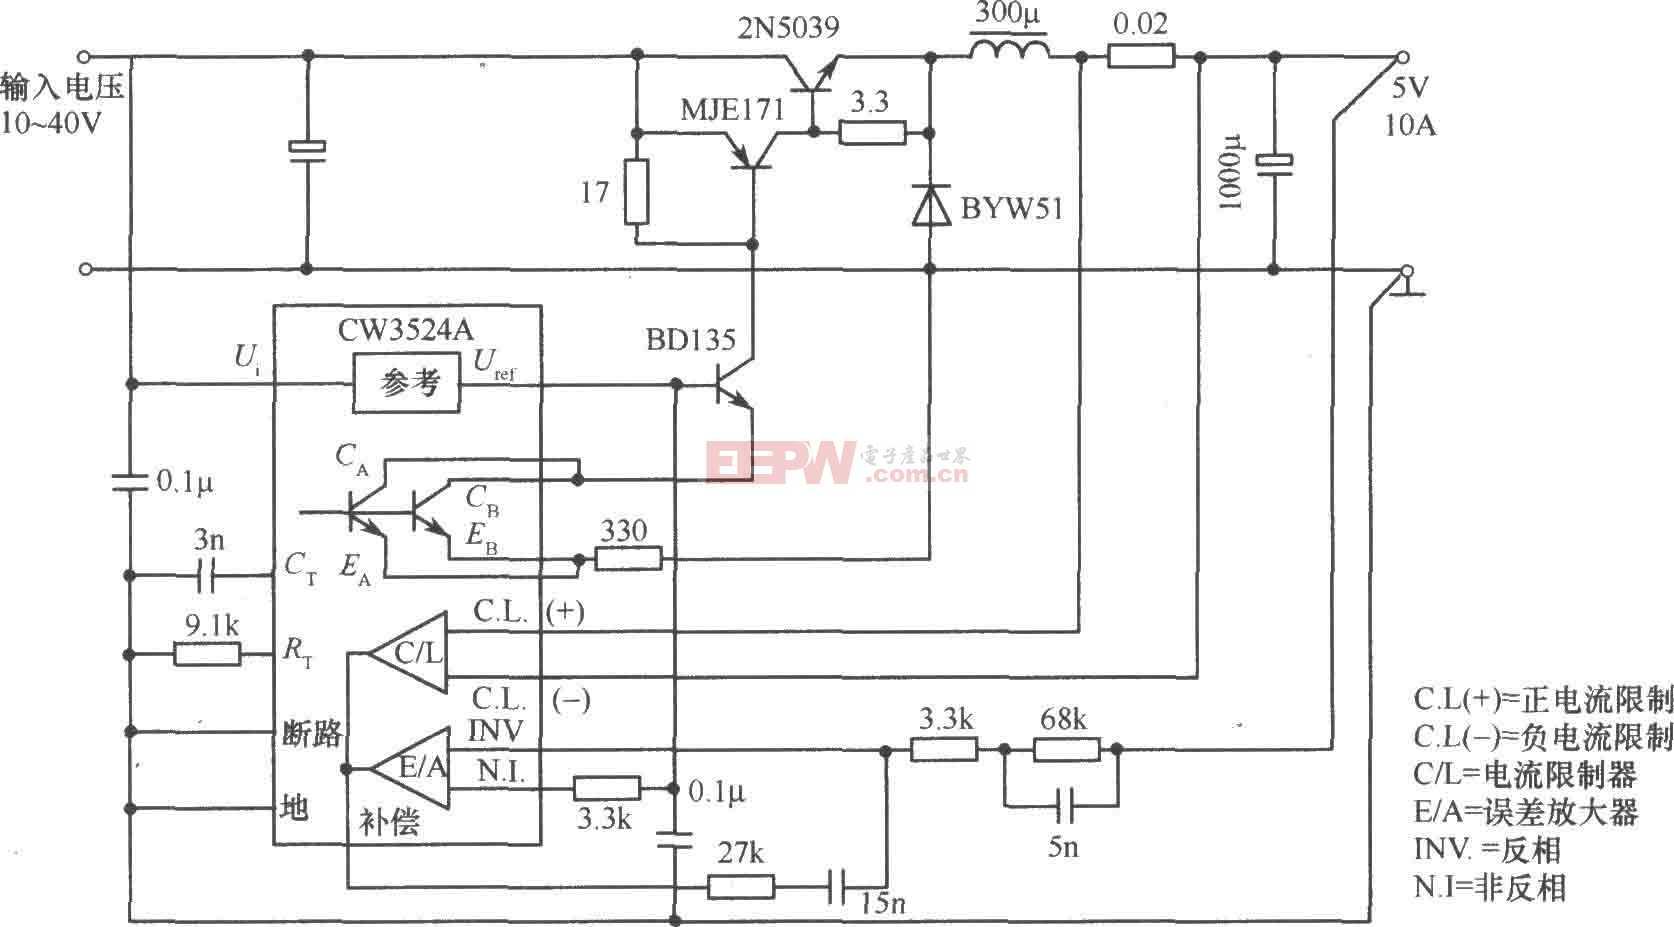 由CW1524A组成的降压斩波式开关稳压电源电路